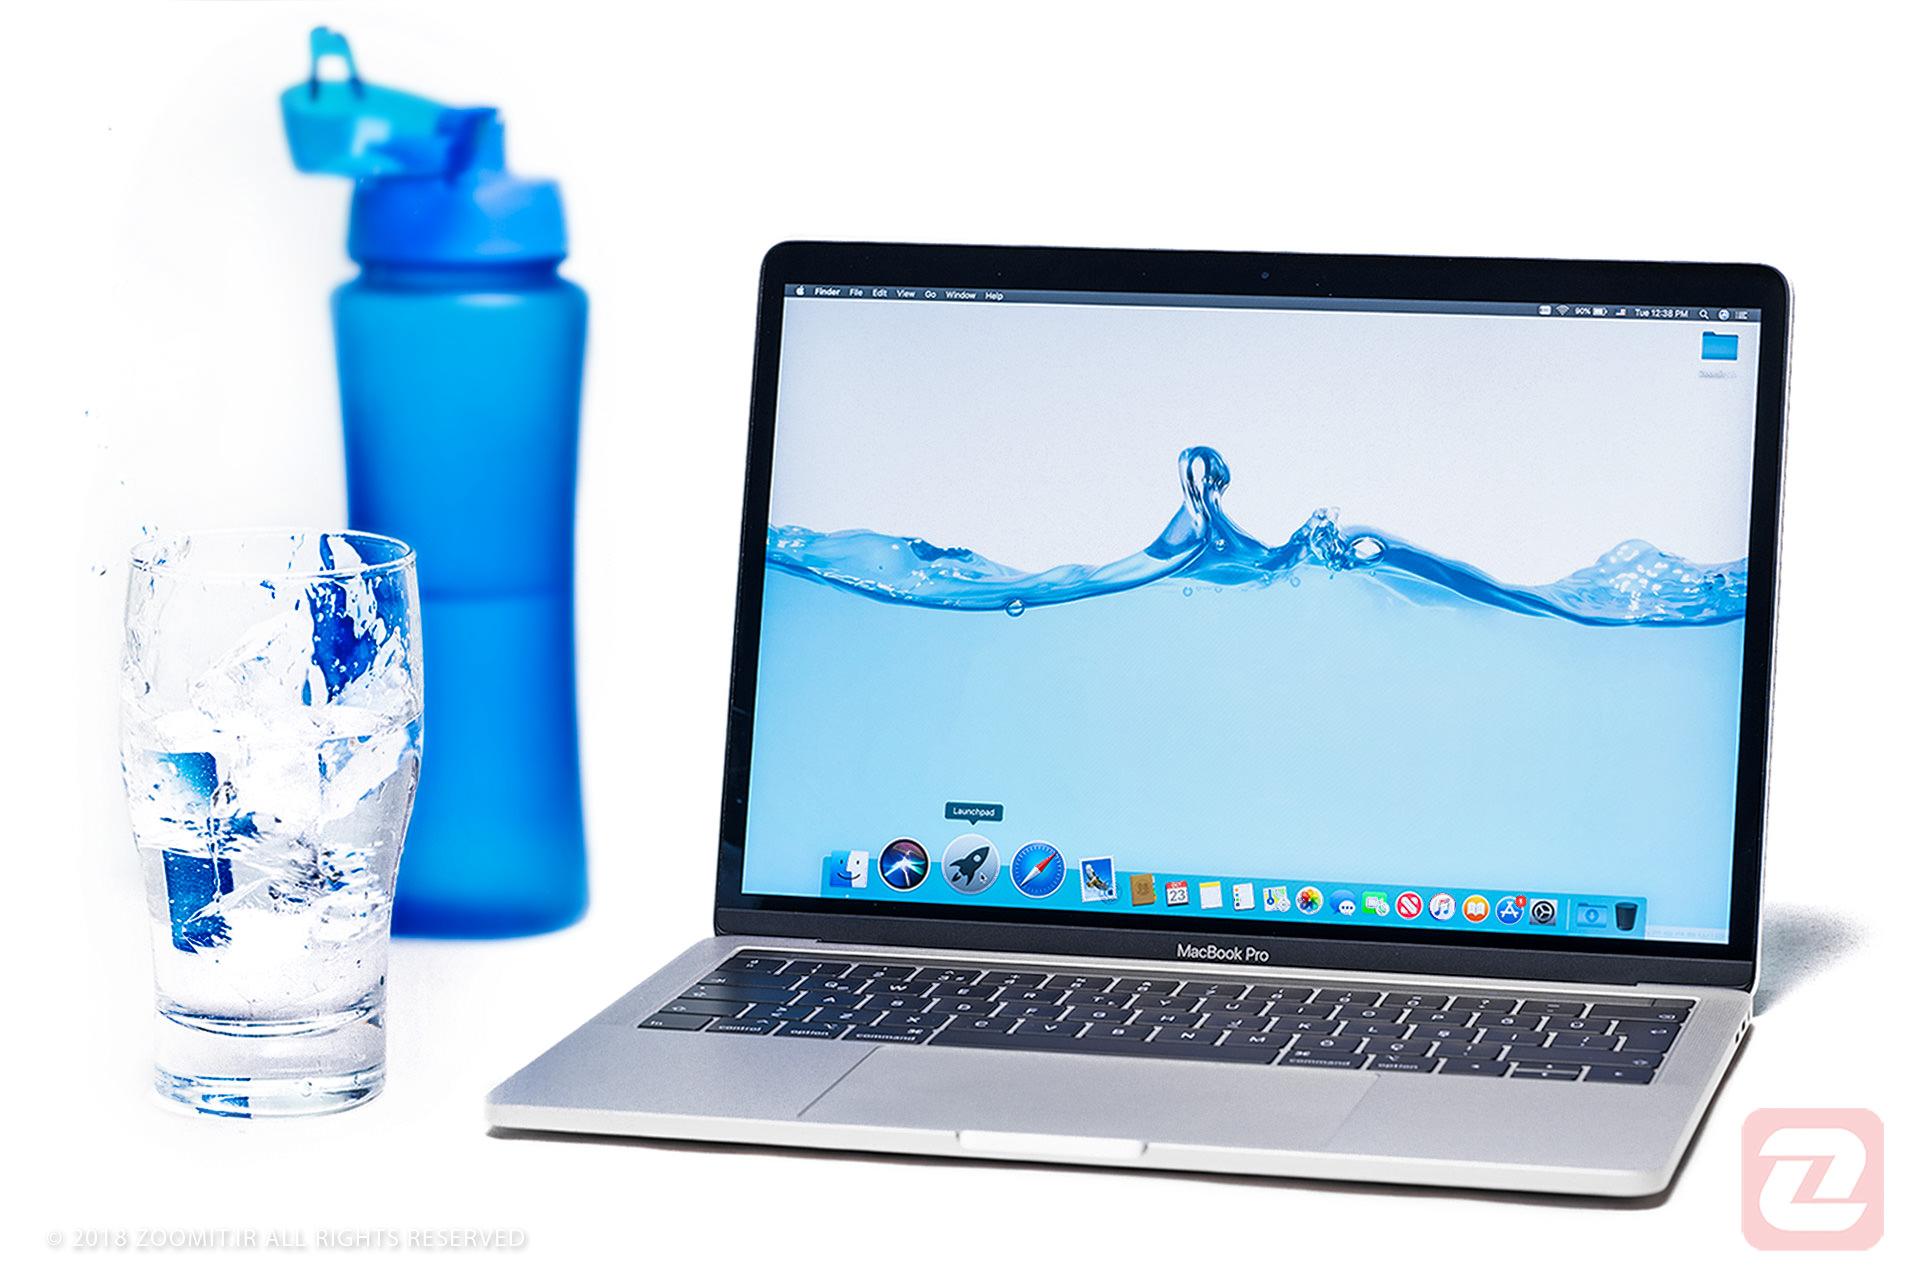 آیا کامپیوتر های مک به آنتی ویروس نیاز دارند؟